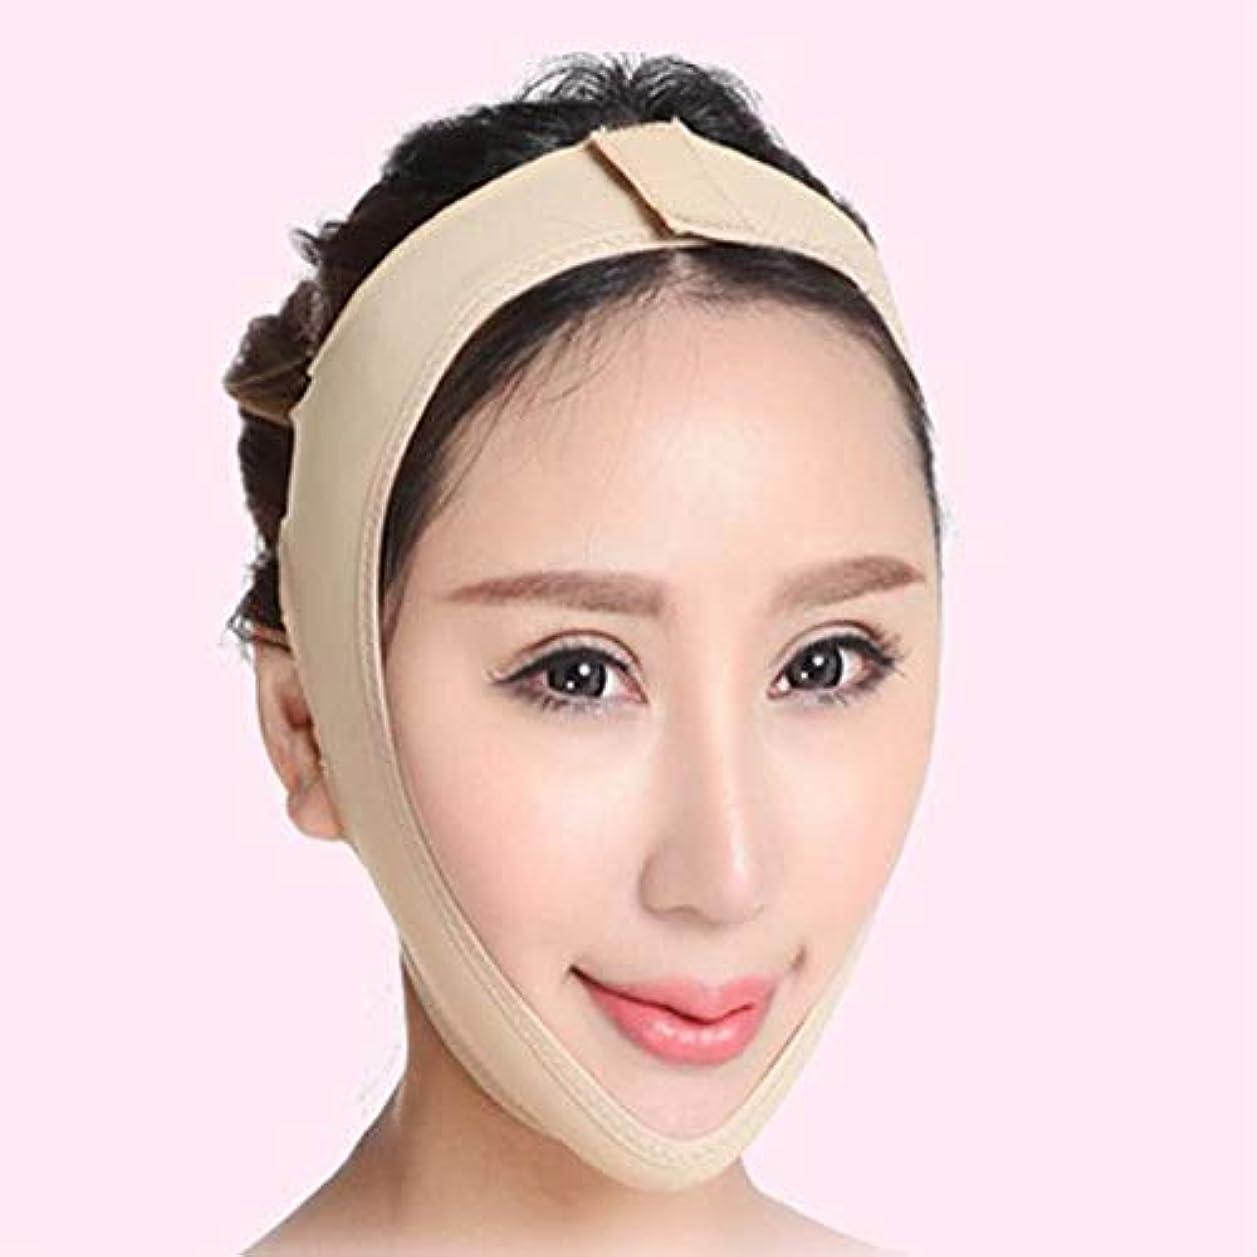 教育者昇進珍しいMR 小顔マスク リフトアップ マスク フェイスラインシャープ メンズ レディース Sサイズ MR-AZD15003-S